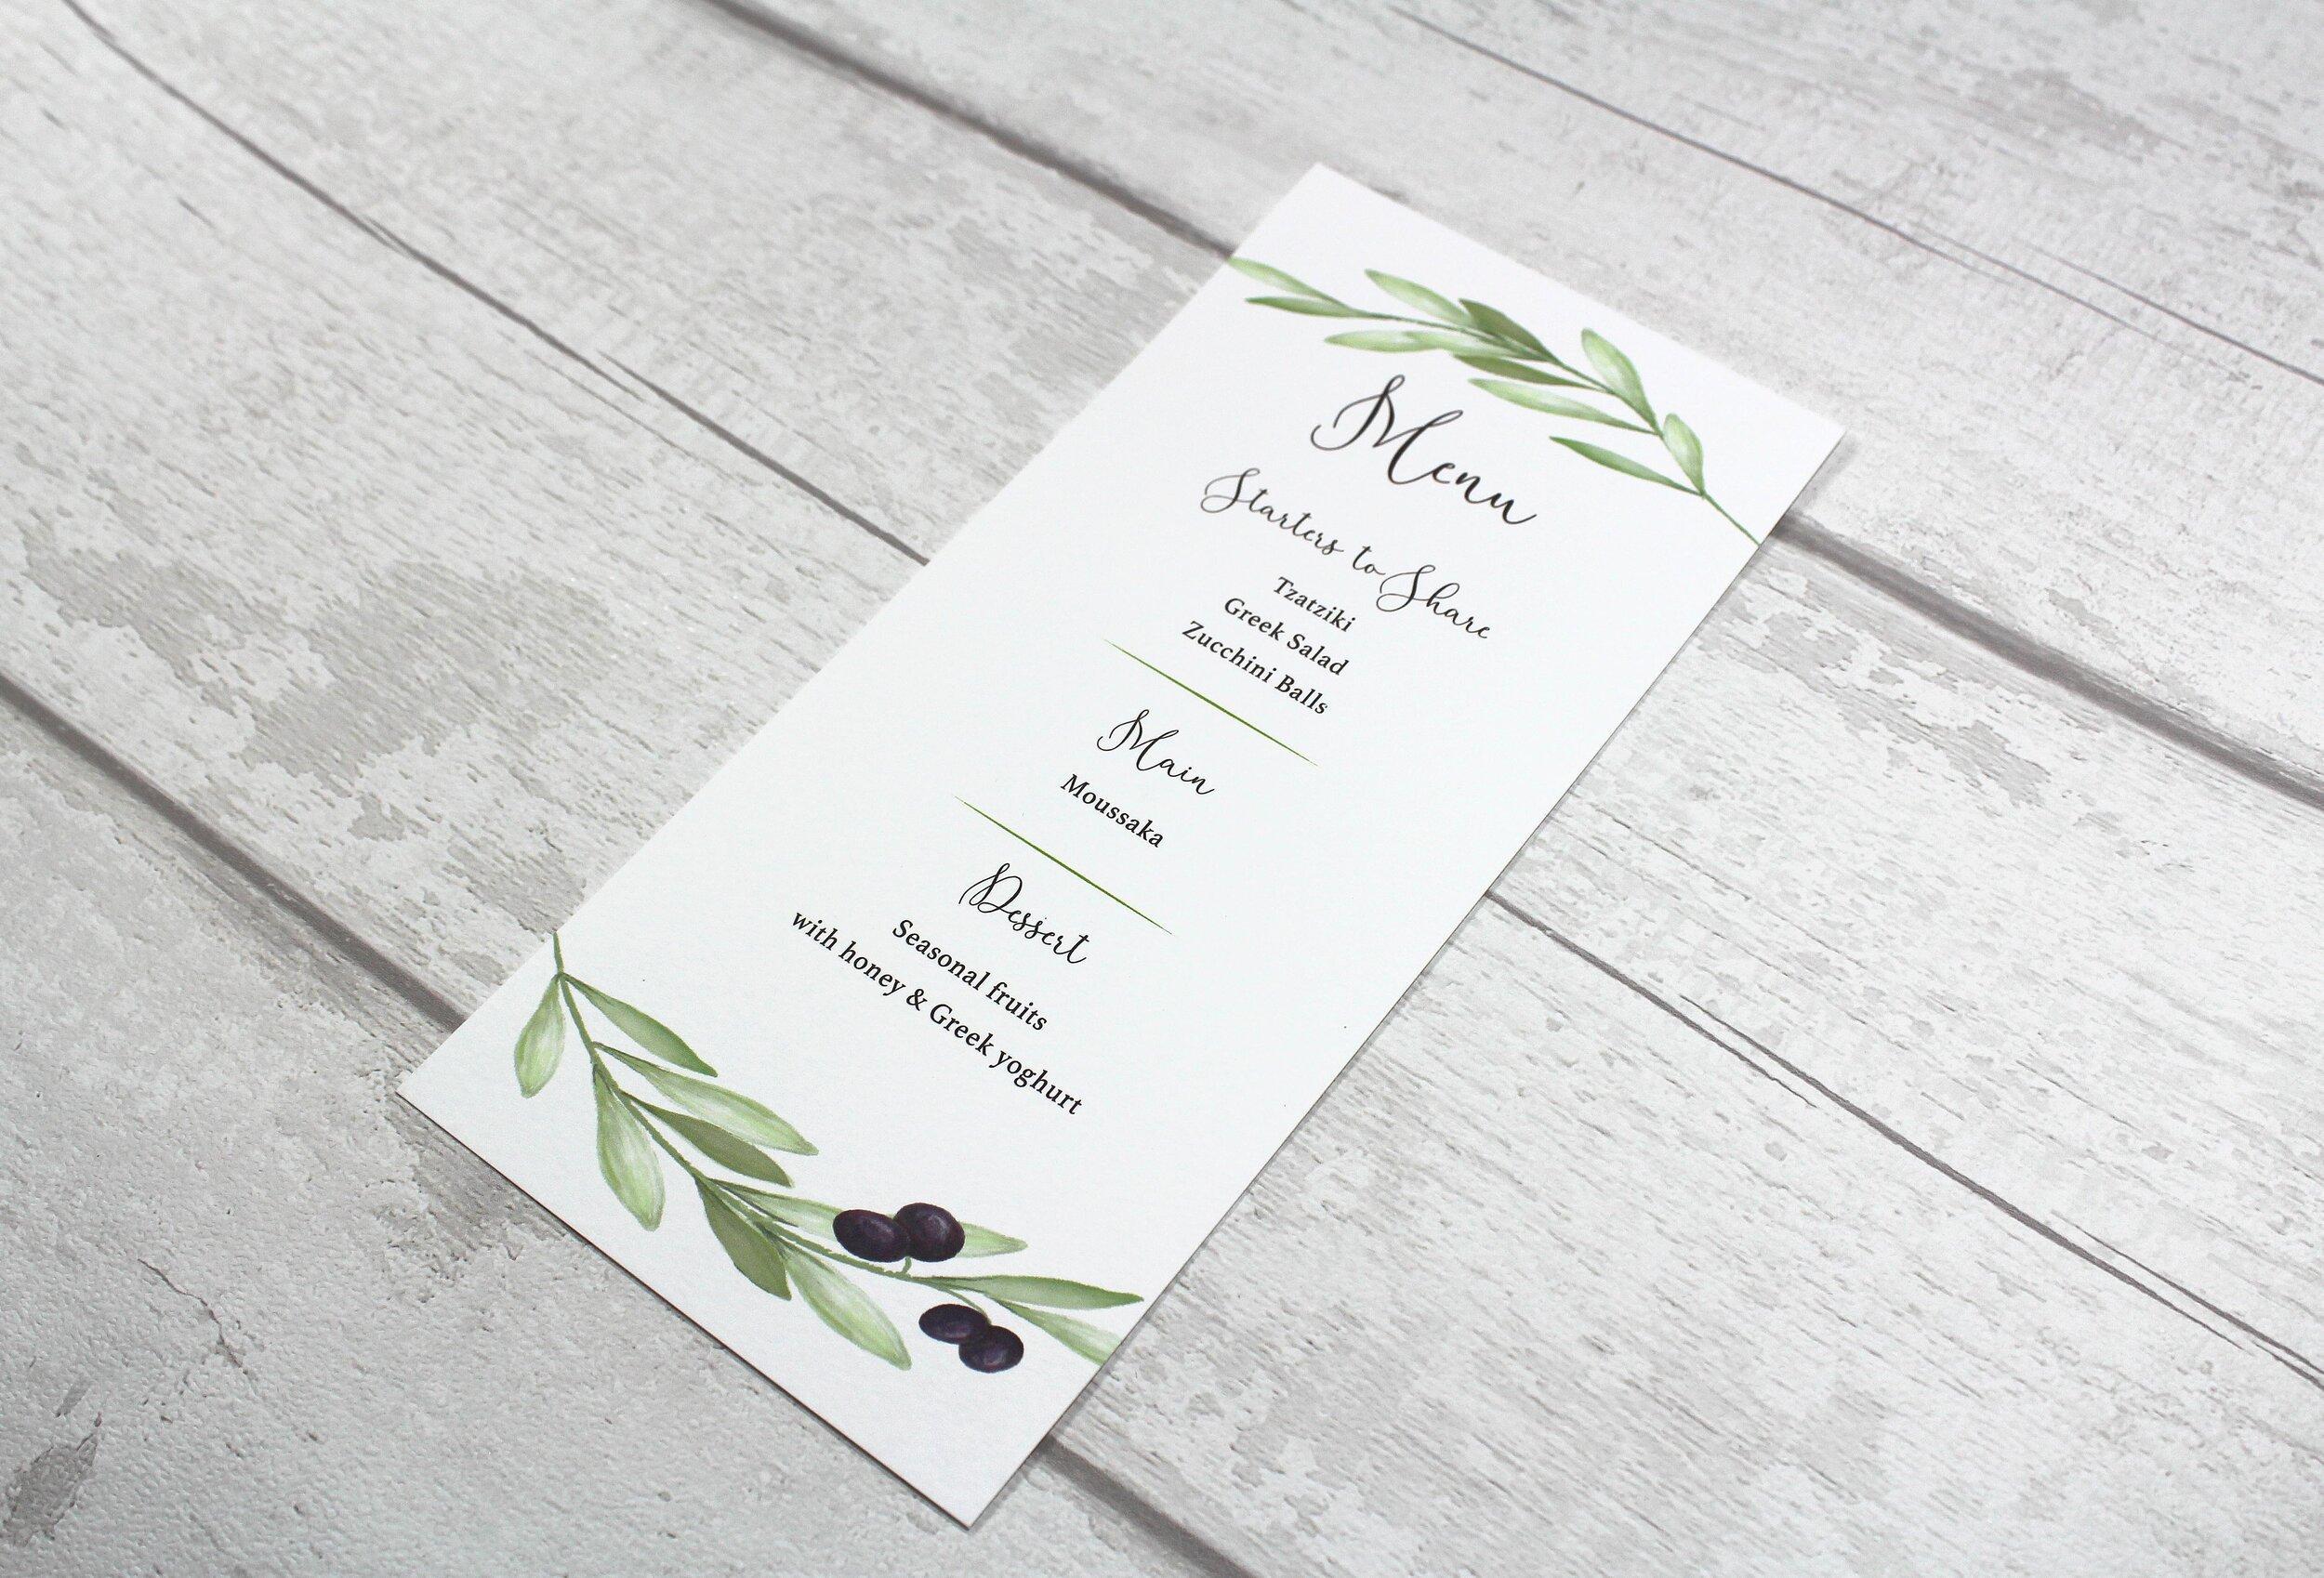 Olive menu.jpg